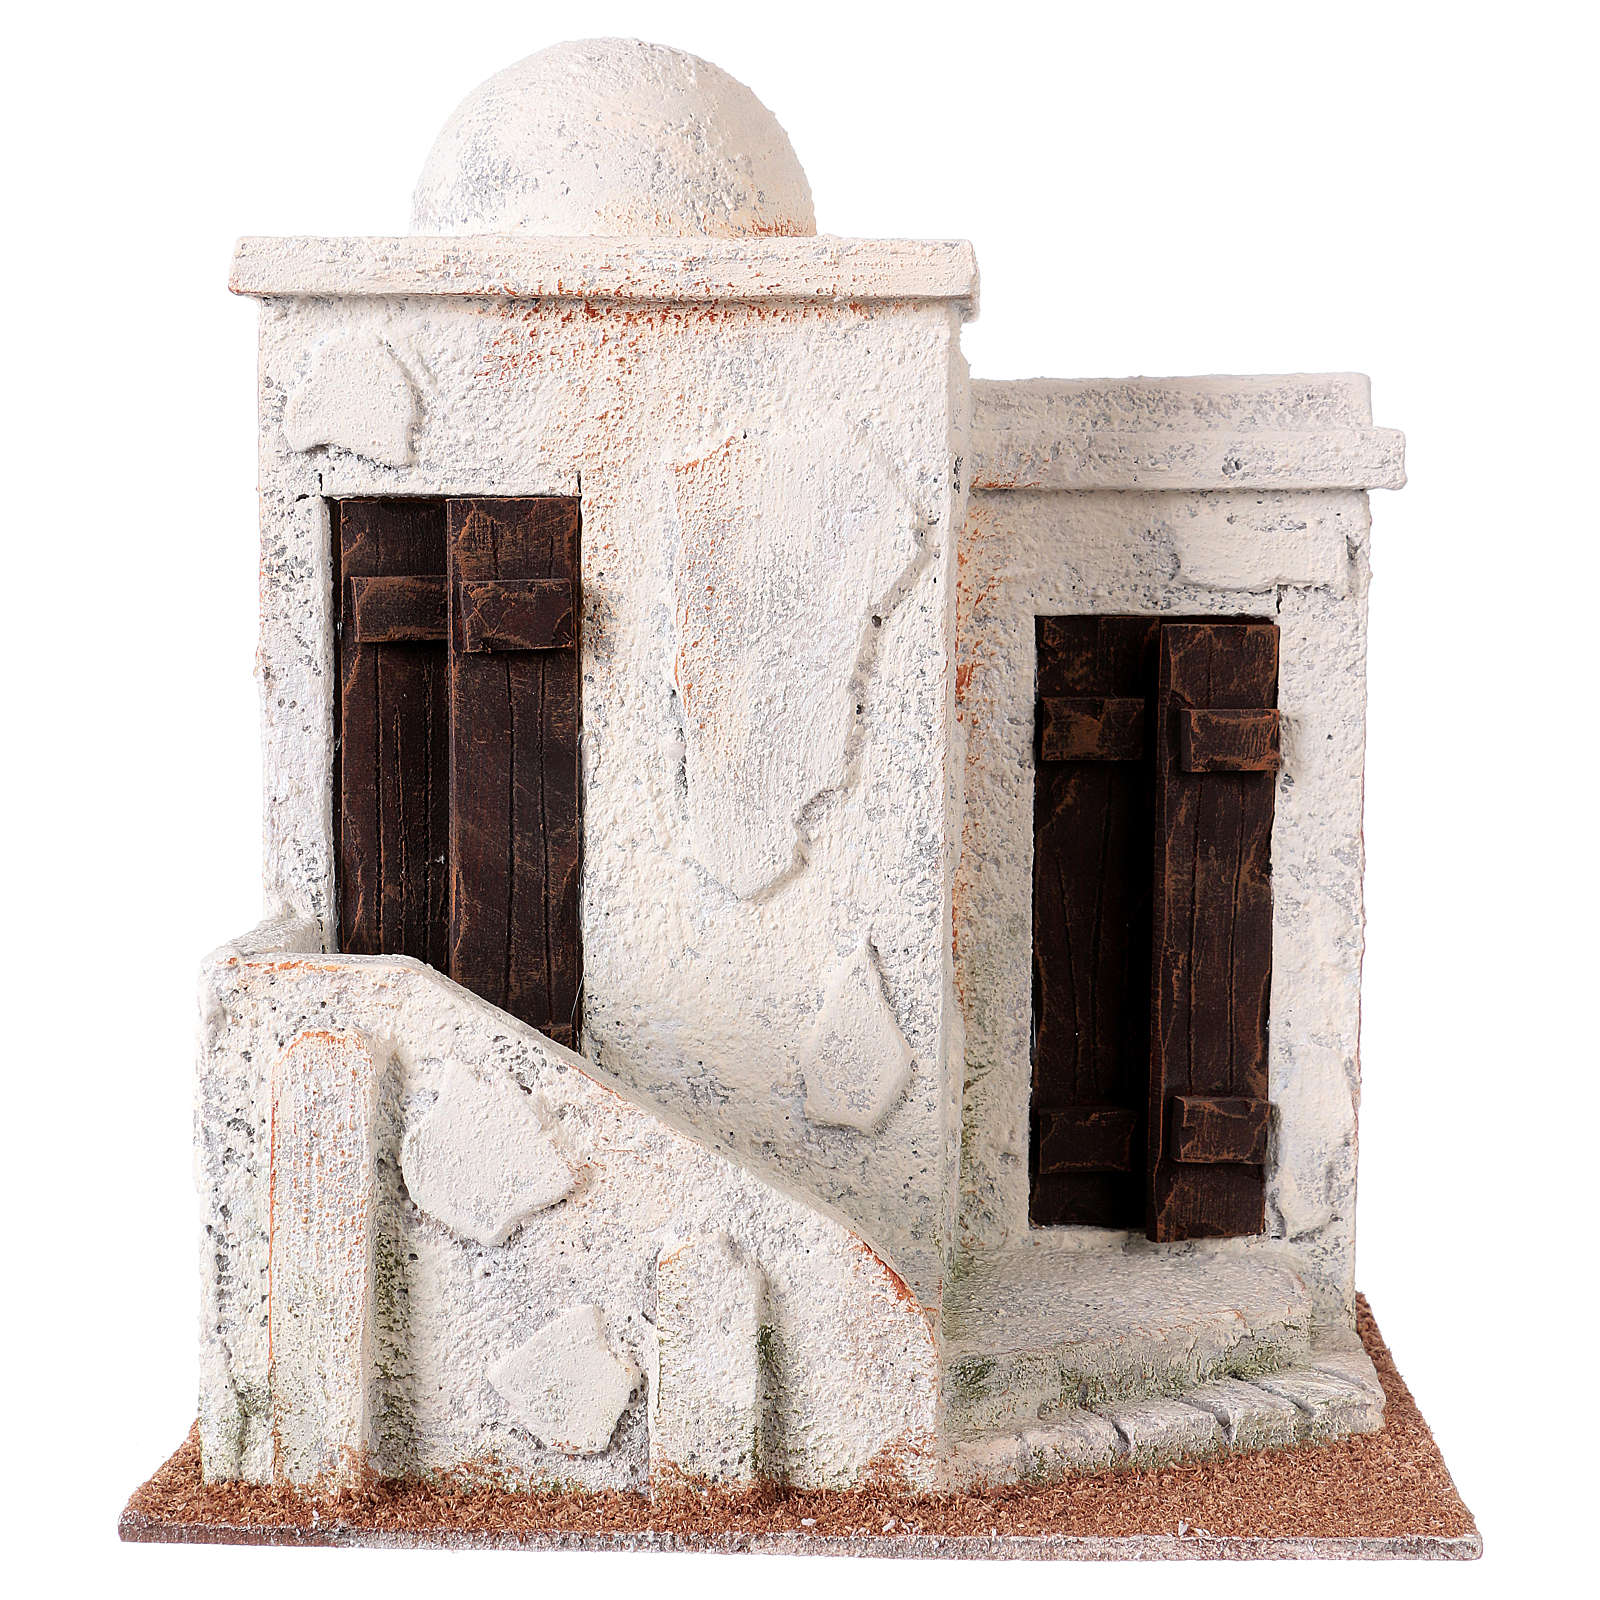 Casita 2 entradas y escaleras estilo palestino 25x20x15 cm para belenes de 9-10 cm 4